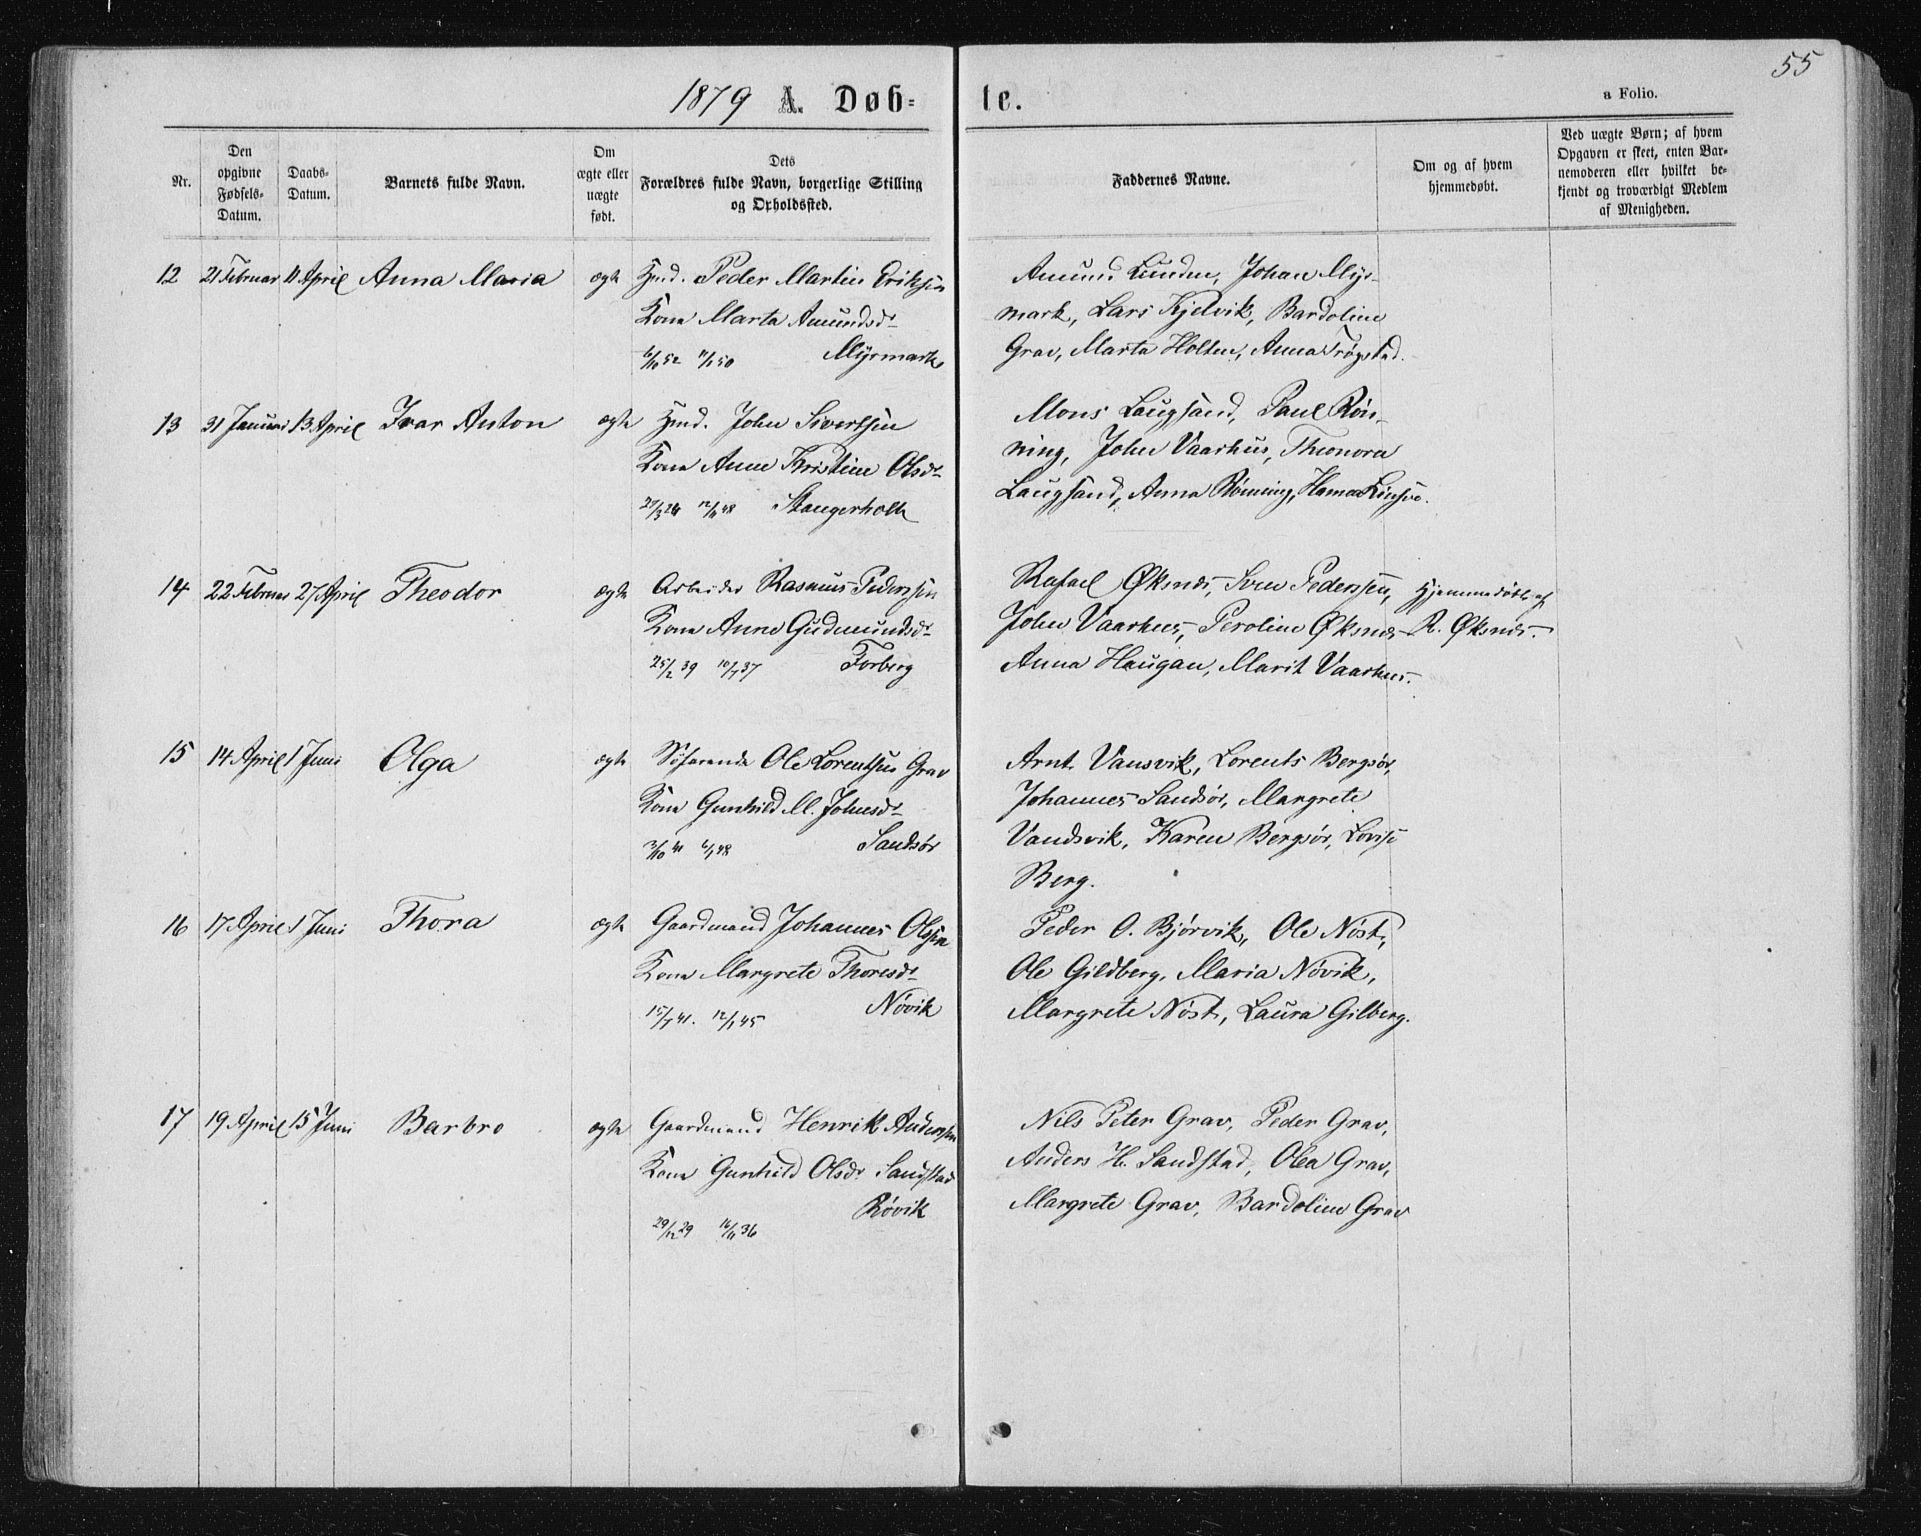 SAT, Ministerialprotokoller, klokkerbøker og fødselsregistre - Nord-Trøndelag, 722/L0219: Ministerialbok nr. 722A06, 1868-1880, s. 55